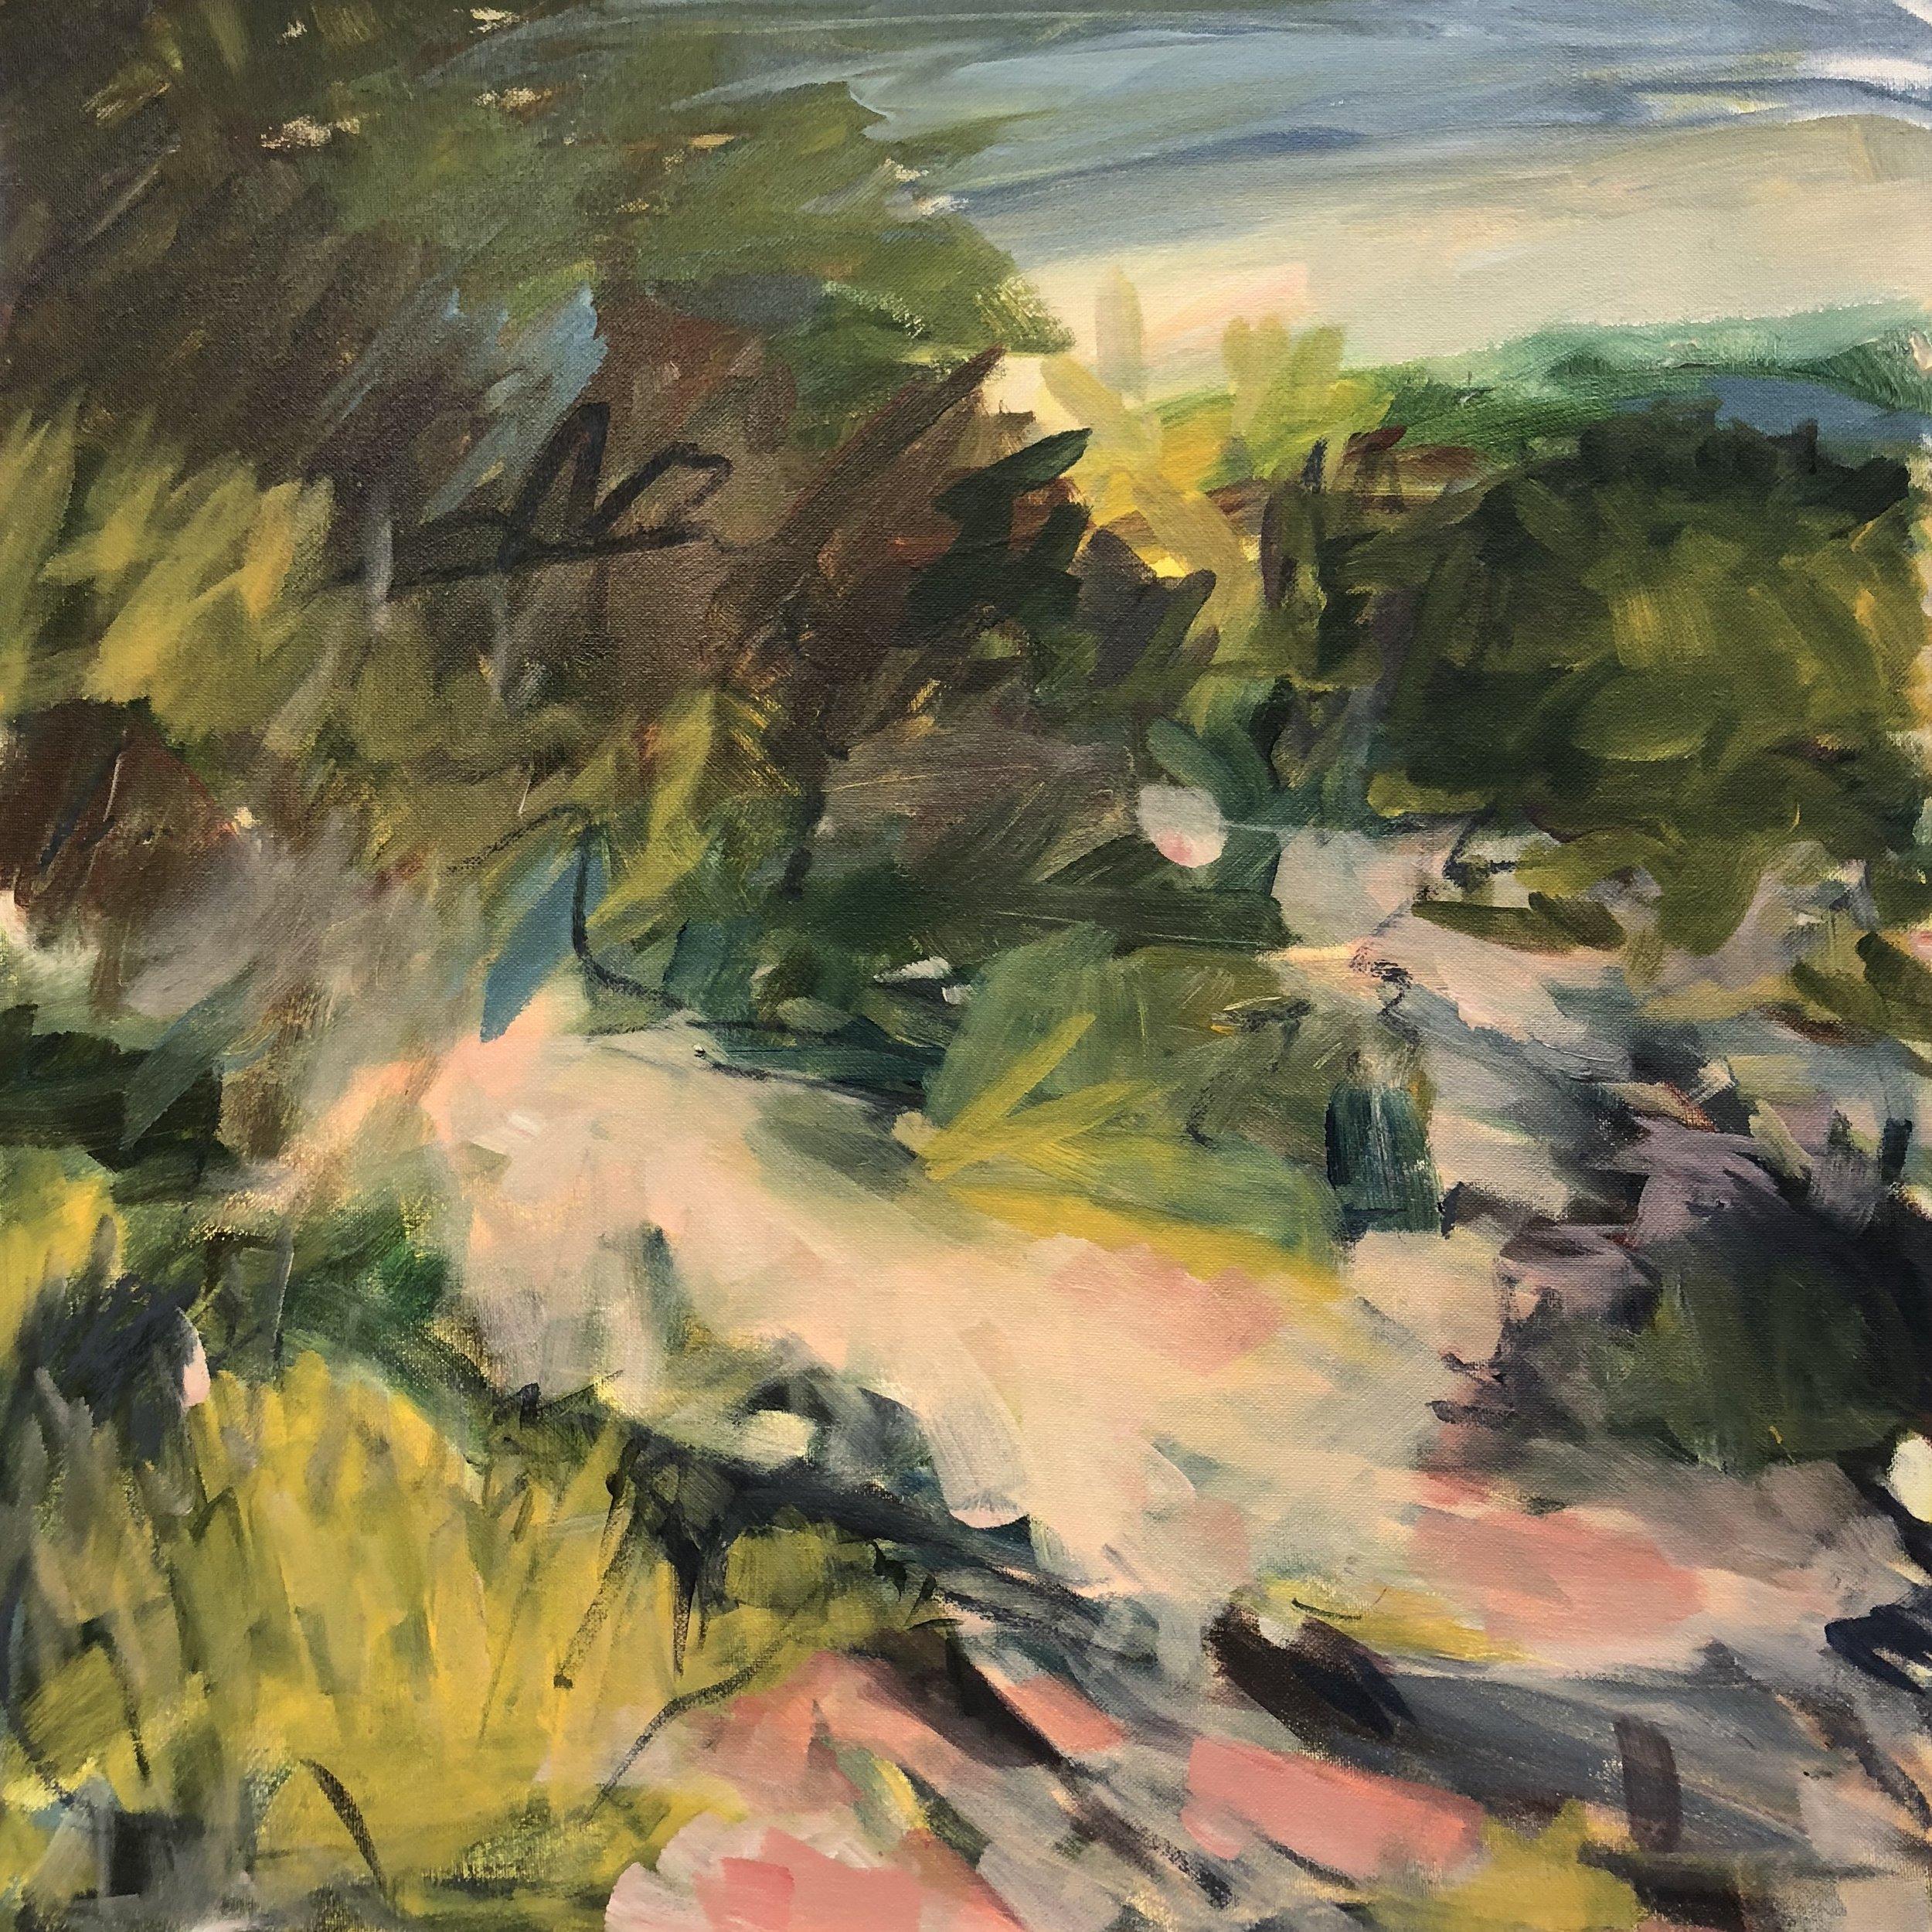 Jennifer Finnie  Coastal walk 2018  oil on canvas  60.5 x 60.5cm  $950.00